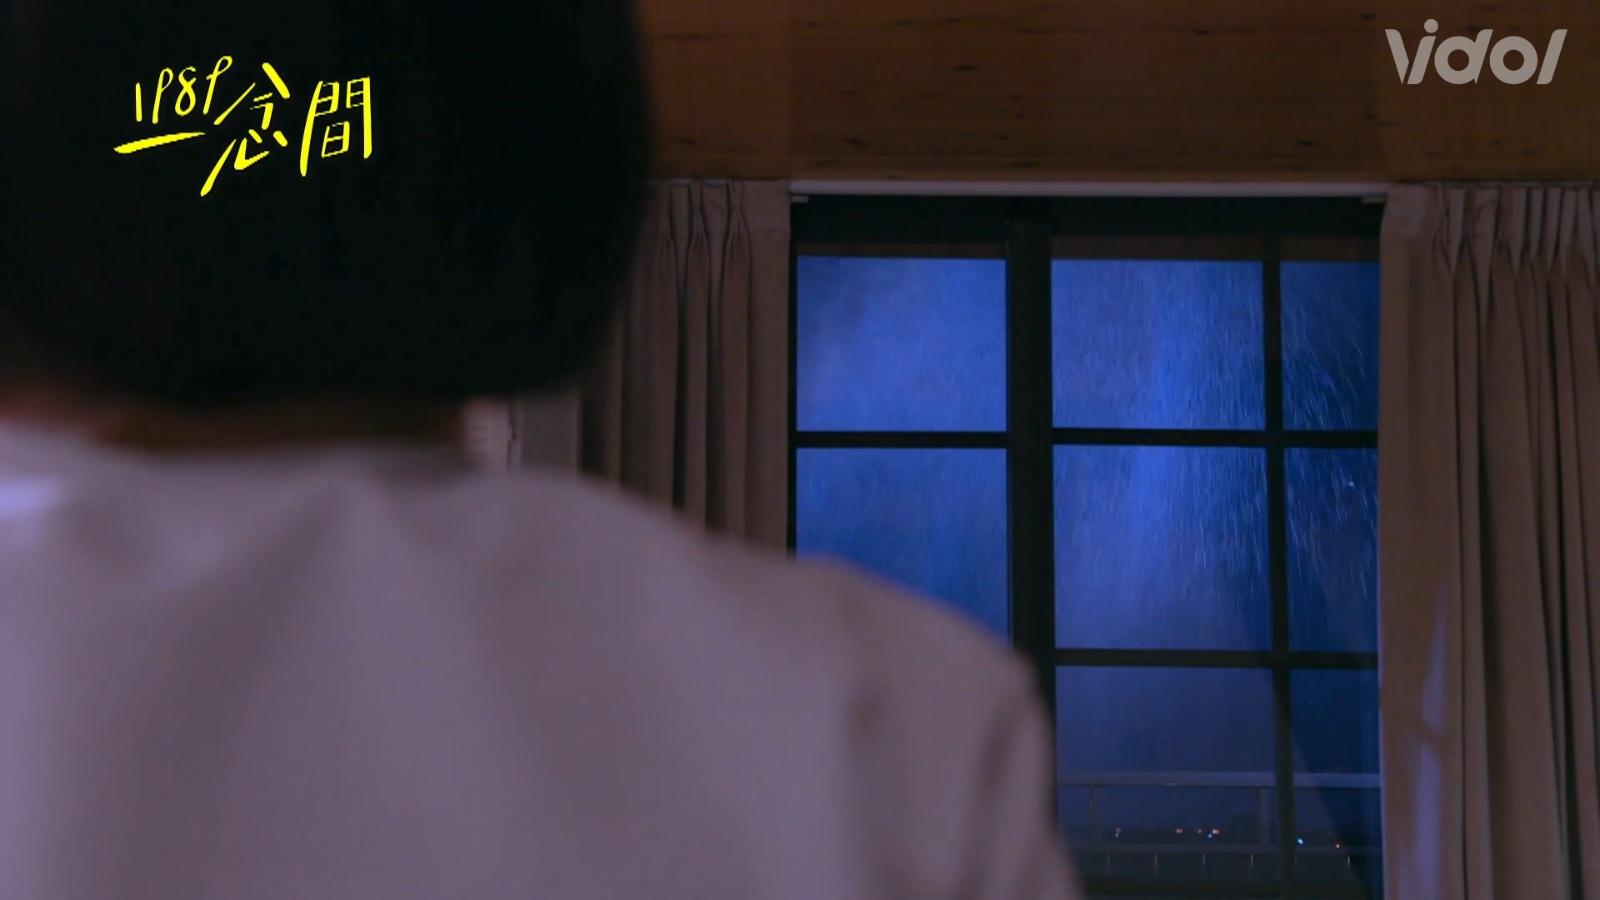 1989一念間- 小木屋